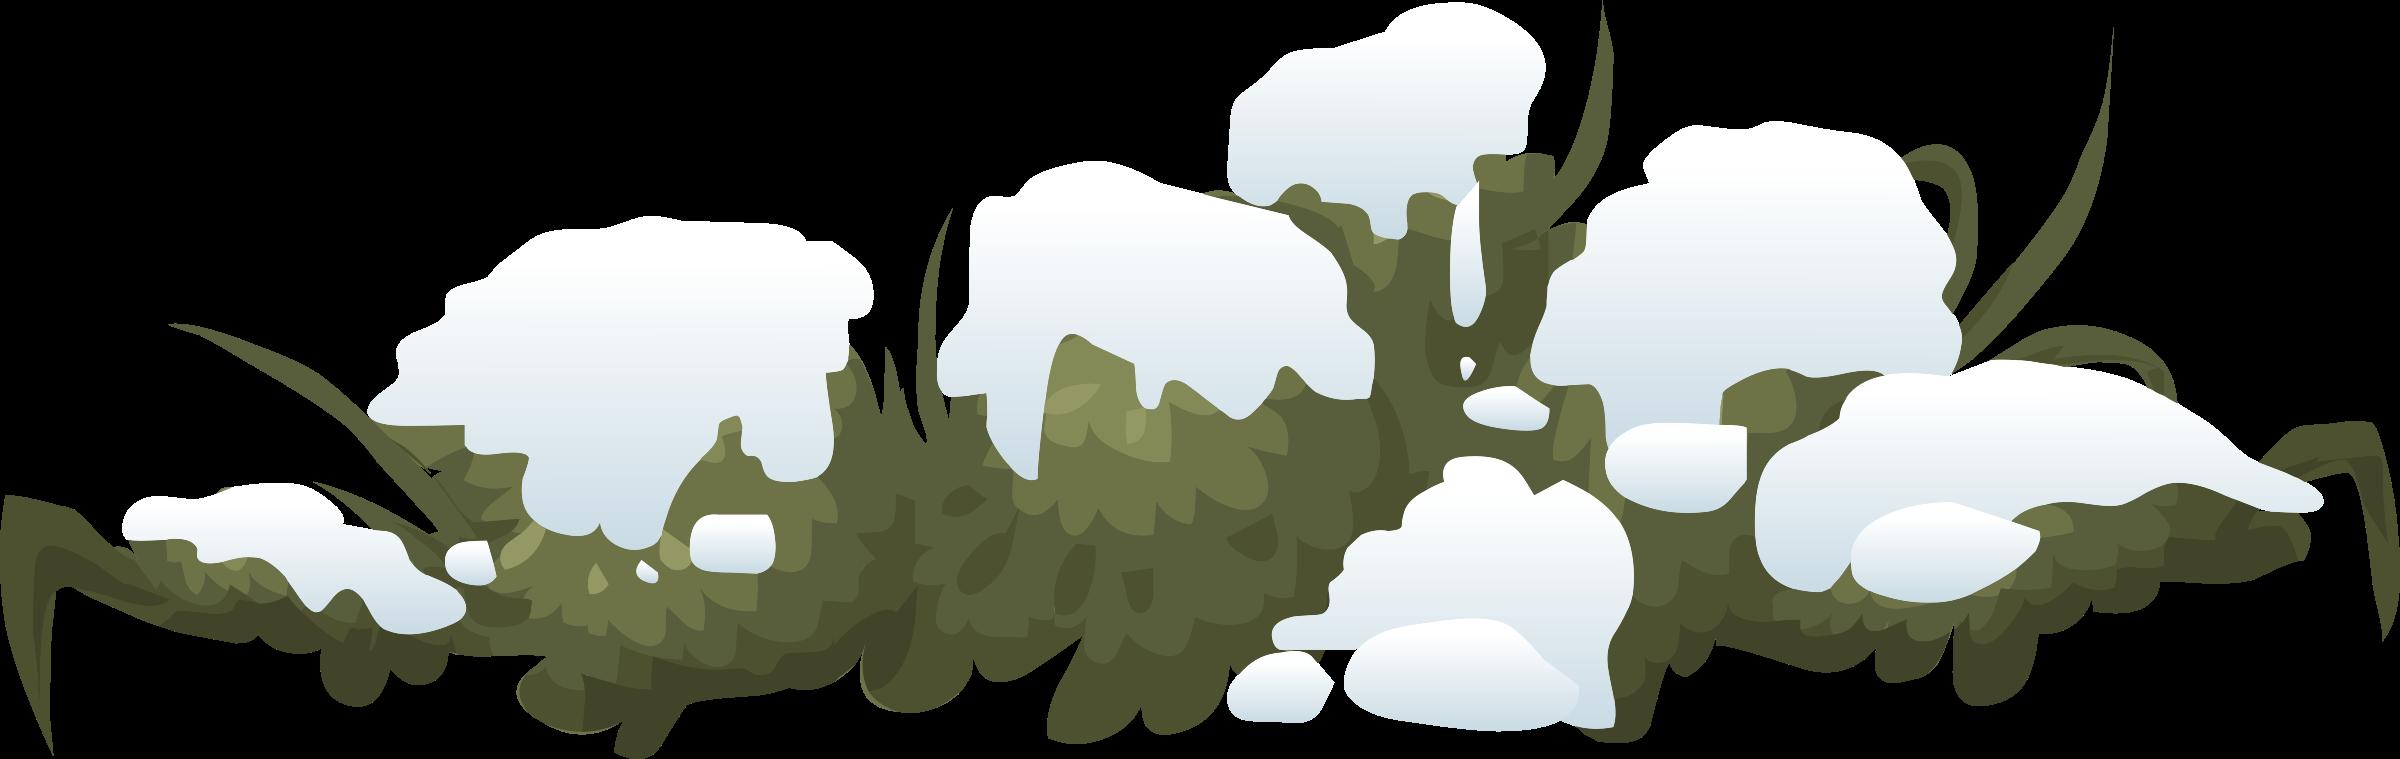 Bushes clipart landscape. Alpine snow bush c